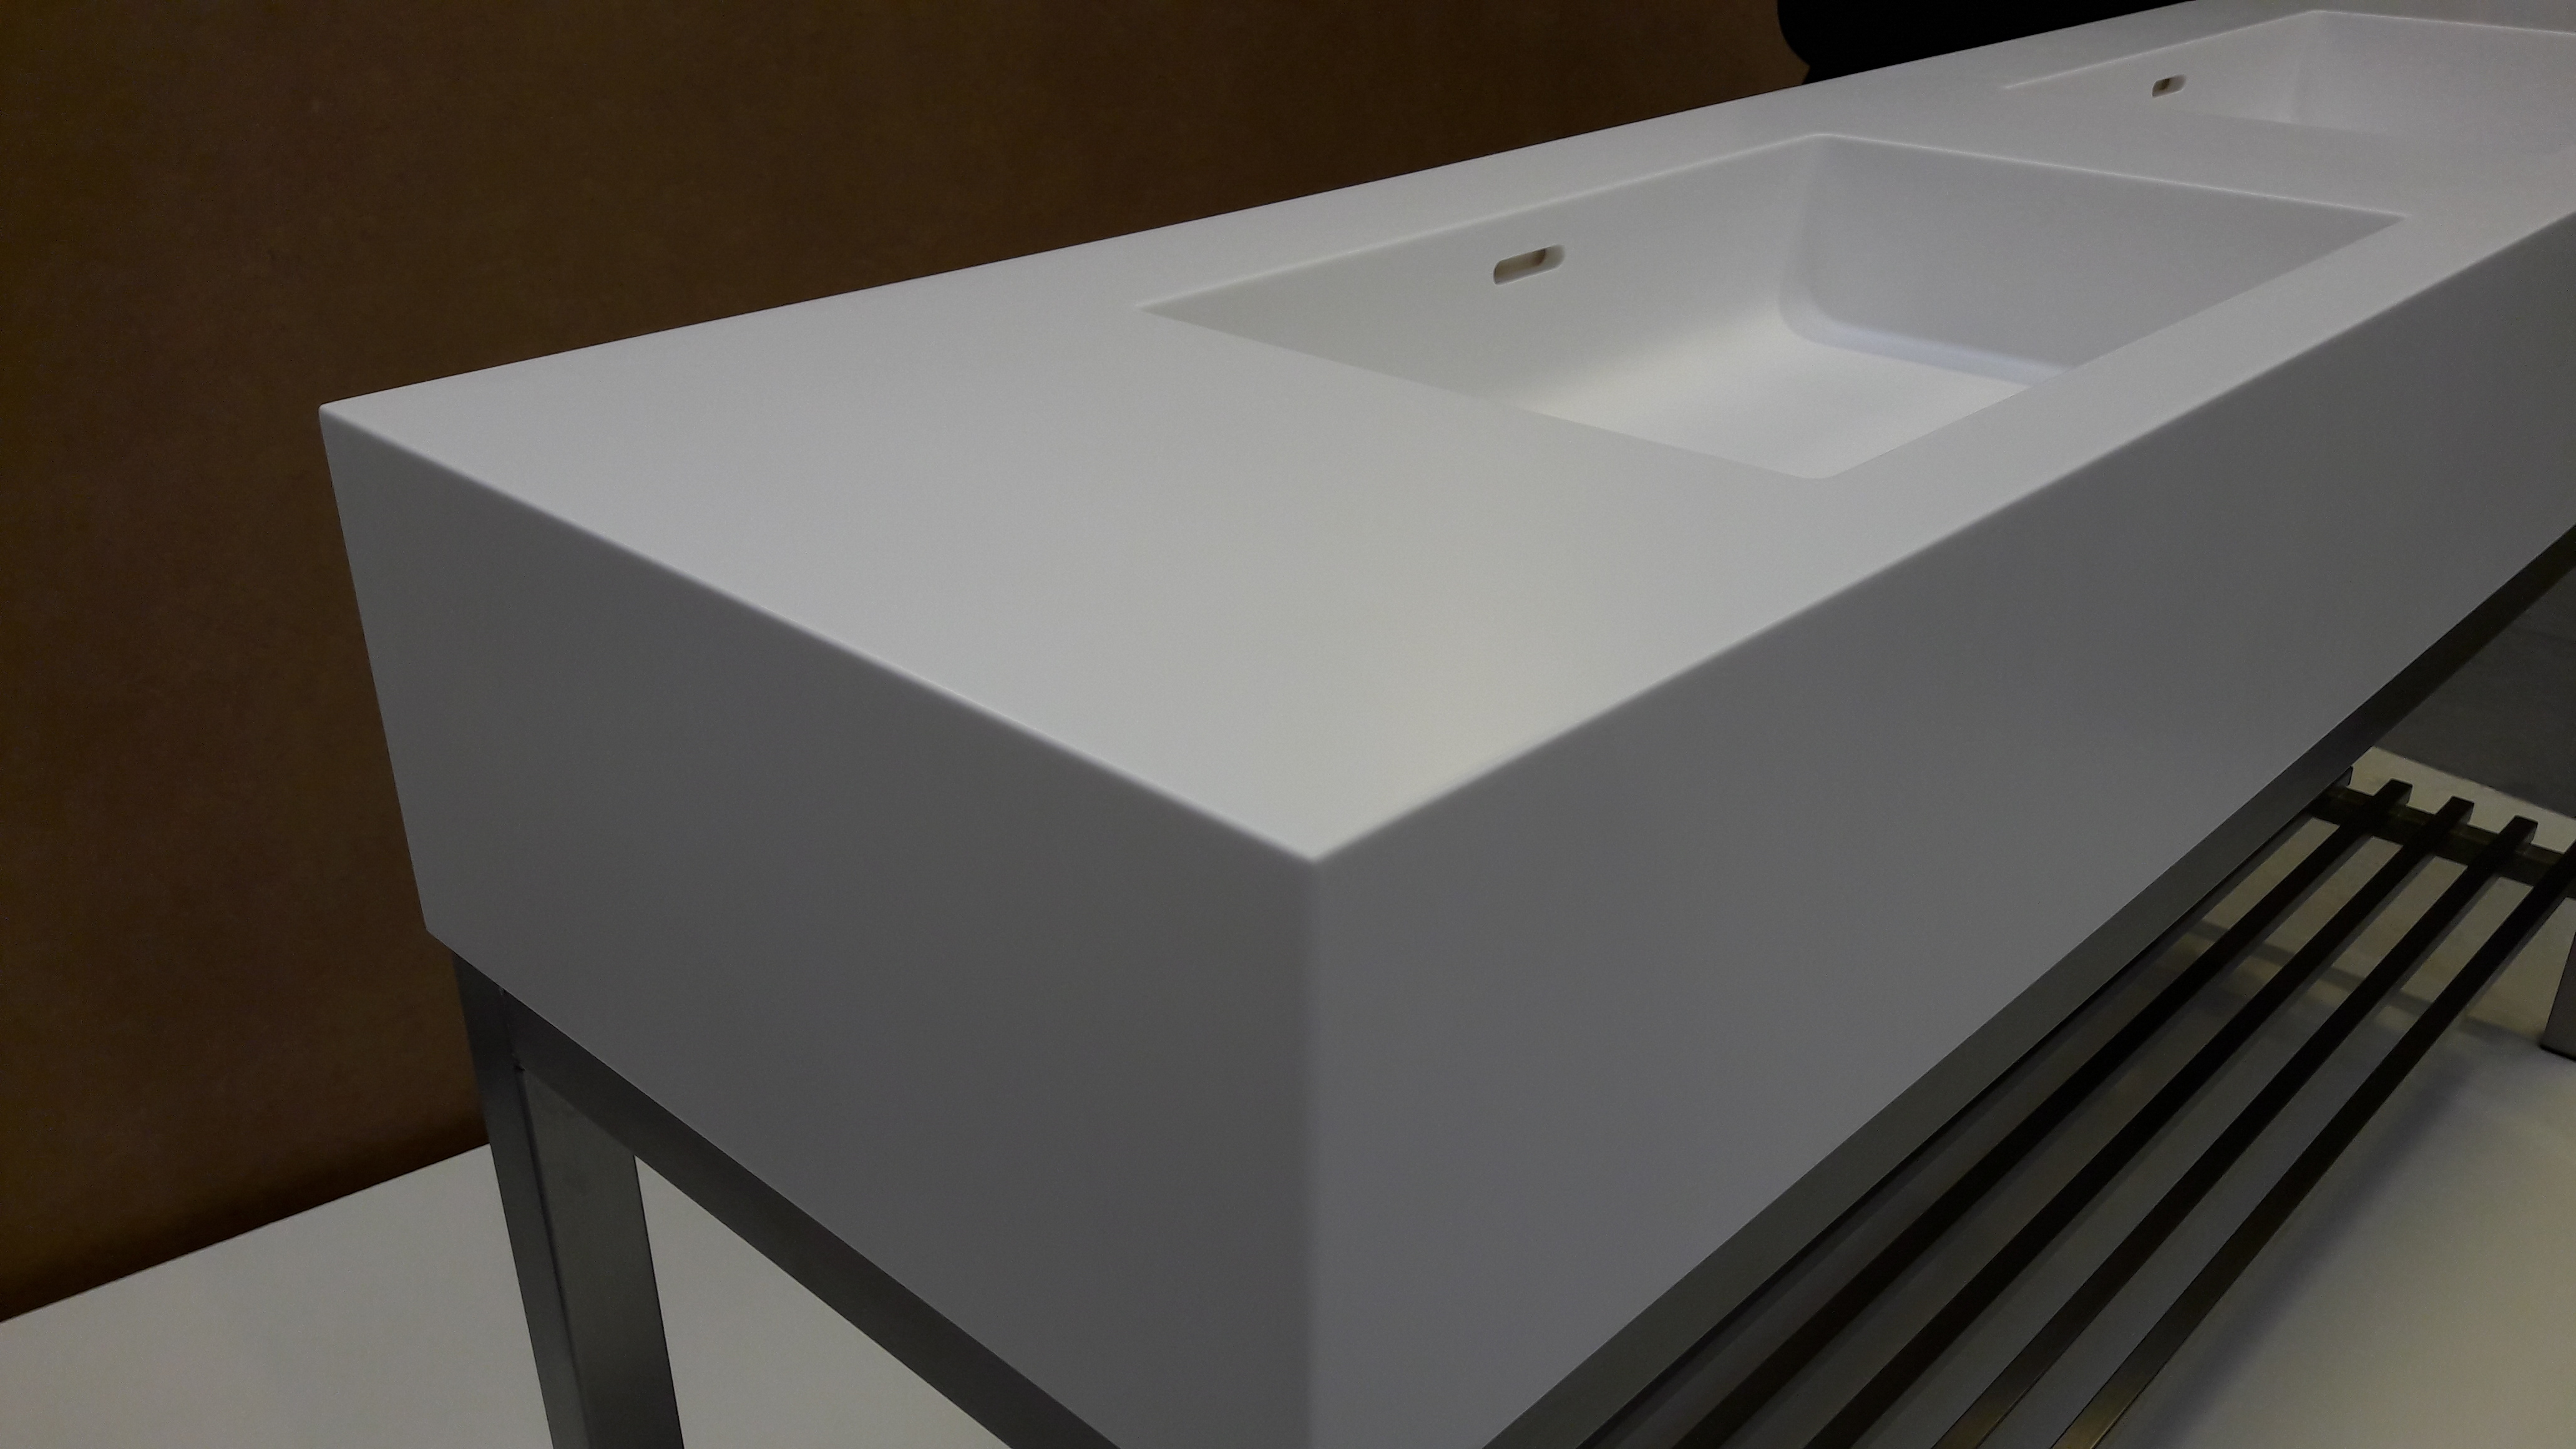 Corian badmøbel med vaske Quiet 7110 i farven Glacier White og rustfast stel med underhylde